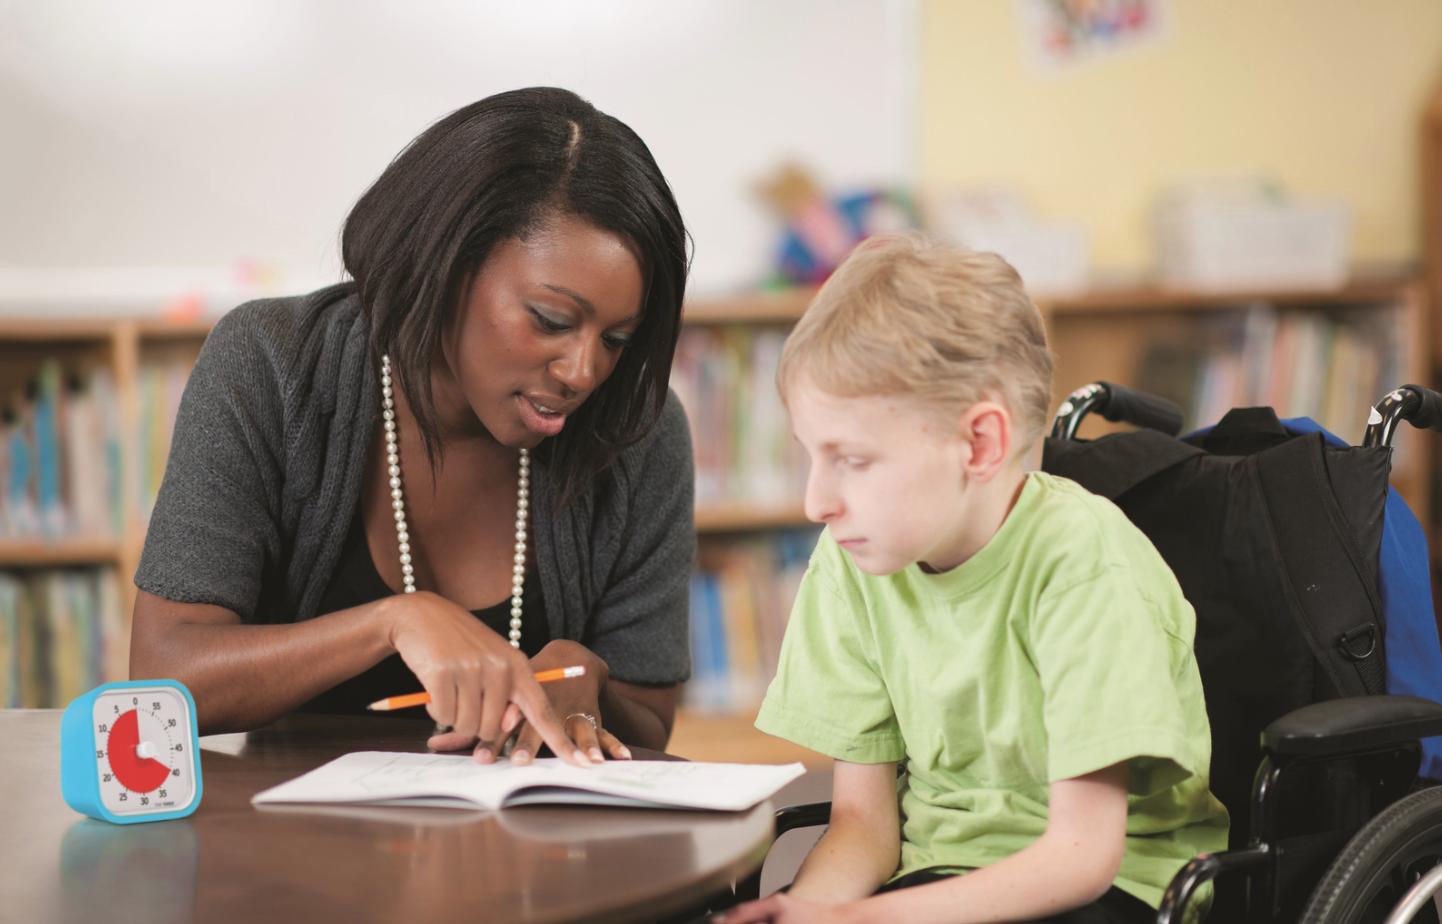 Le time Timer : l'enfant aux besoins spécifiques